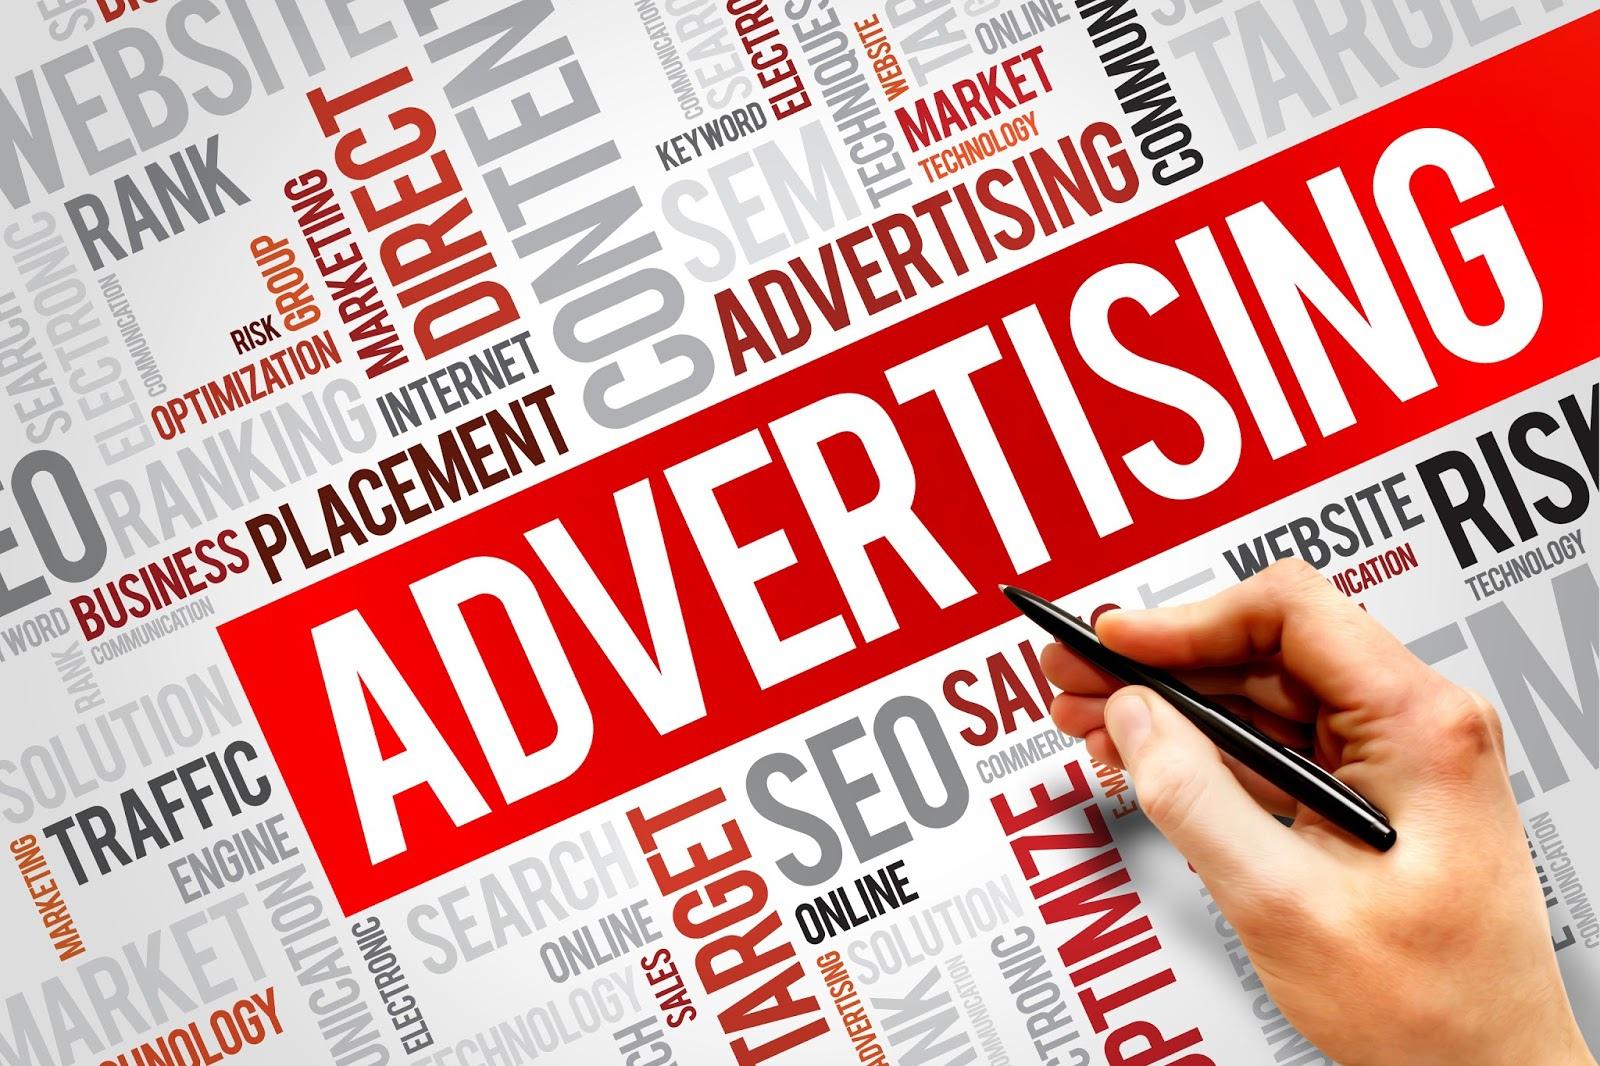 """SEA Napoli """"Search Engine Advertising"""". Sempre più attività commerciali affidano la propria immagine ad agenzie di comunicazione esperte, tra queste c'è anche Axema Napoli."""